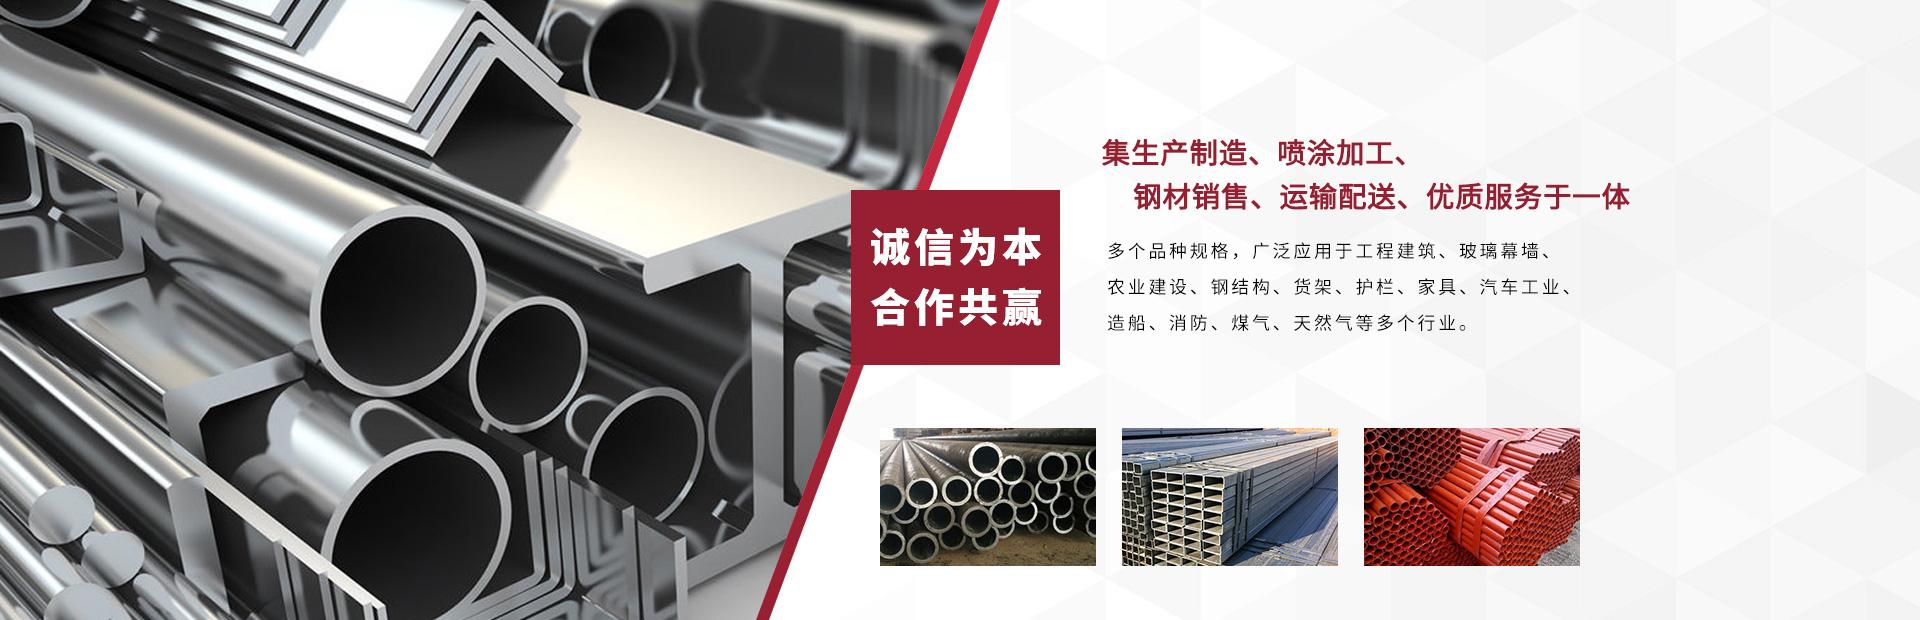 鋼材制造銷售一體化